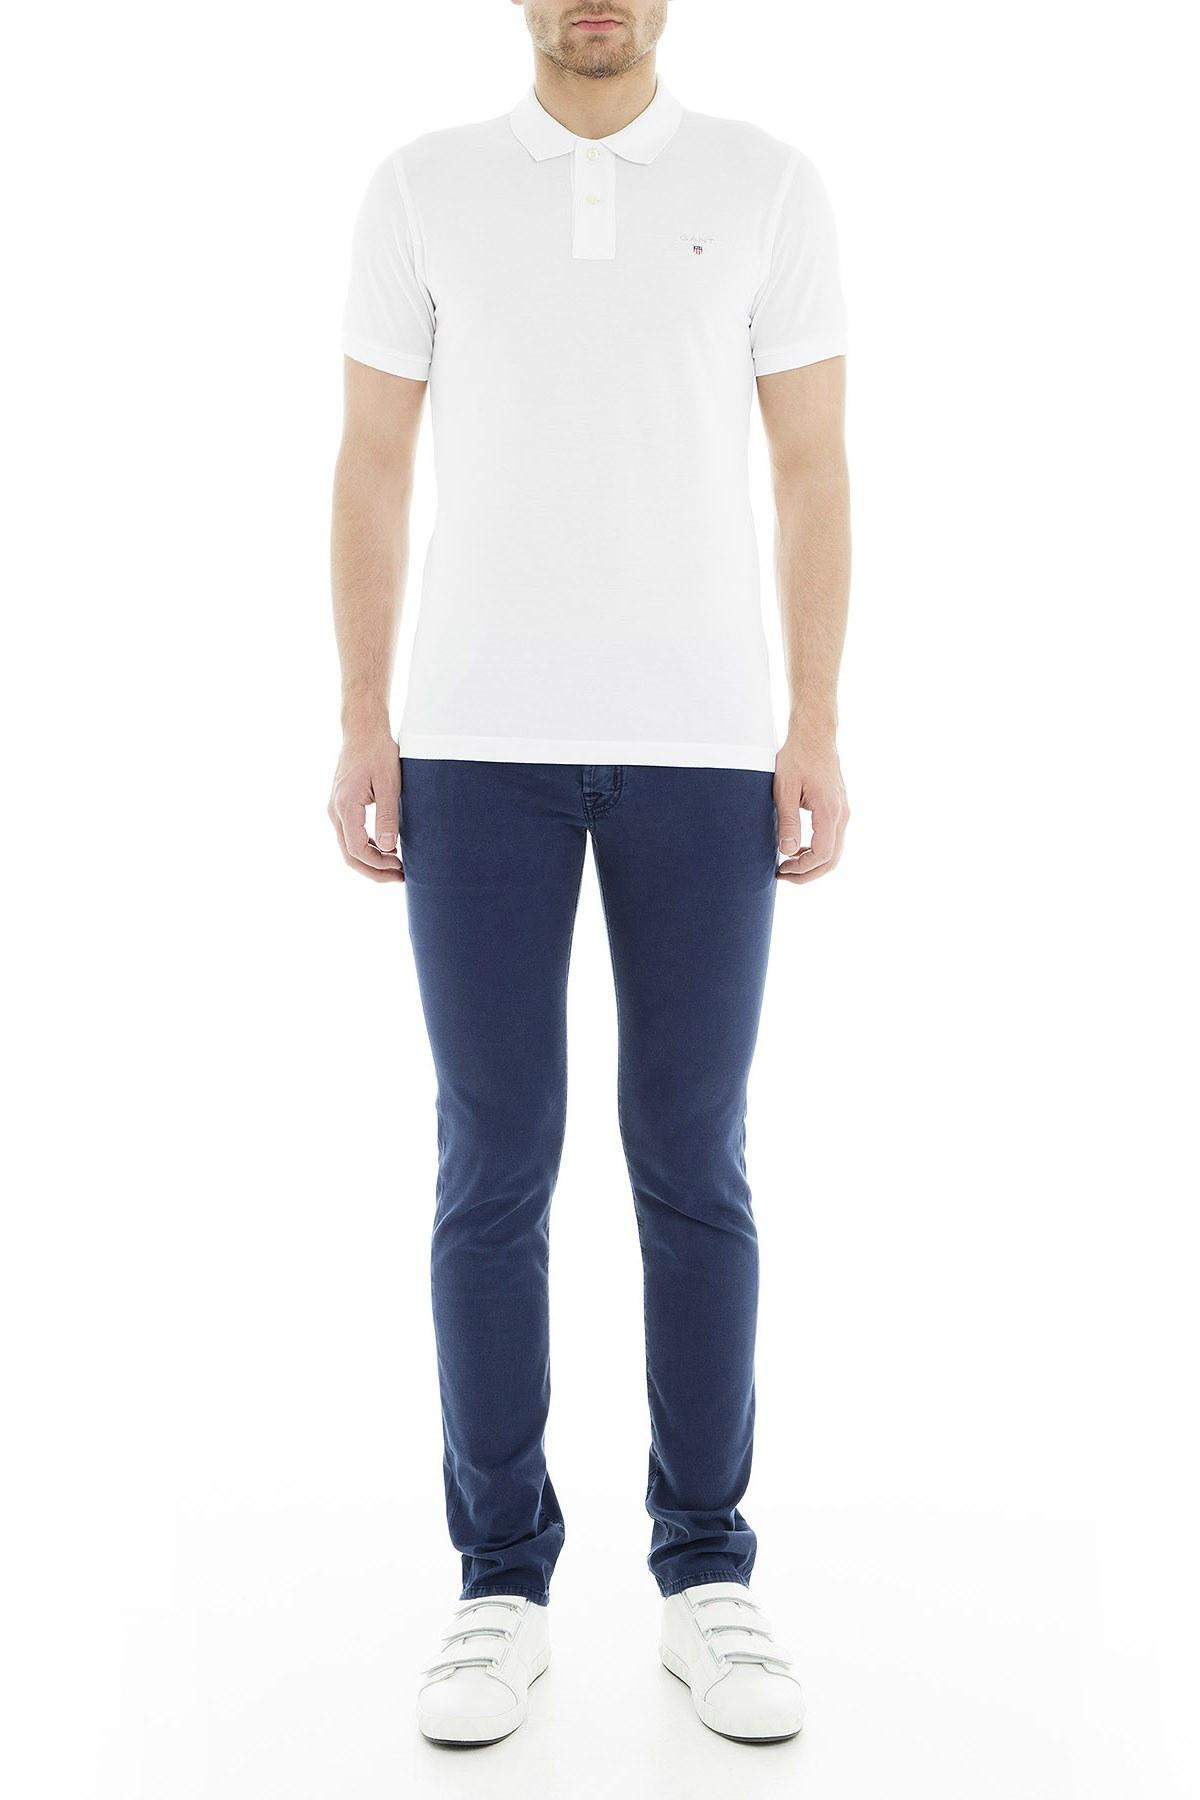 Jacob Cohen Jeans Erkek Pamuklu Pantolon J622566V 871 LACİVERT